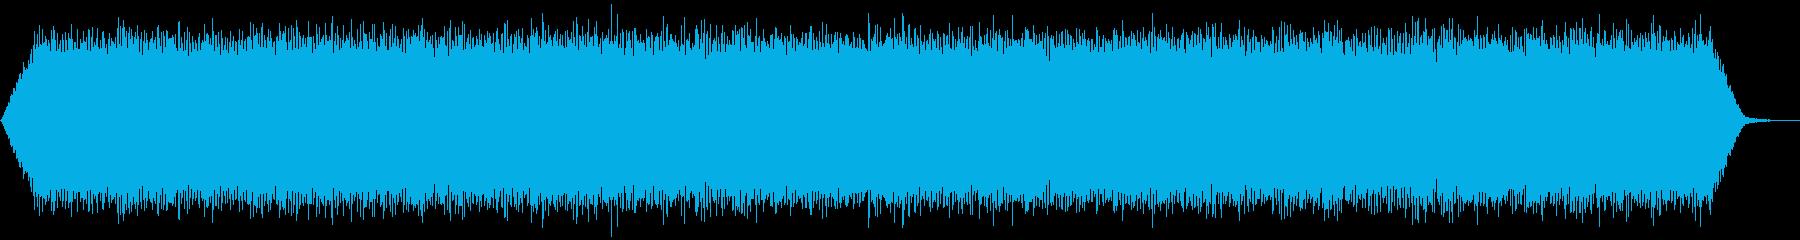 【アンビエント】ドローン_34 実験音の再生済みの波形